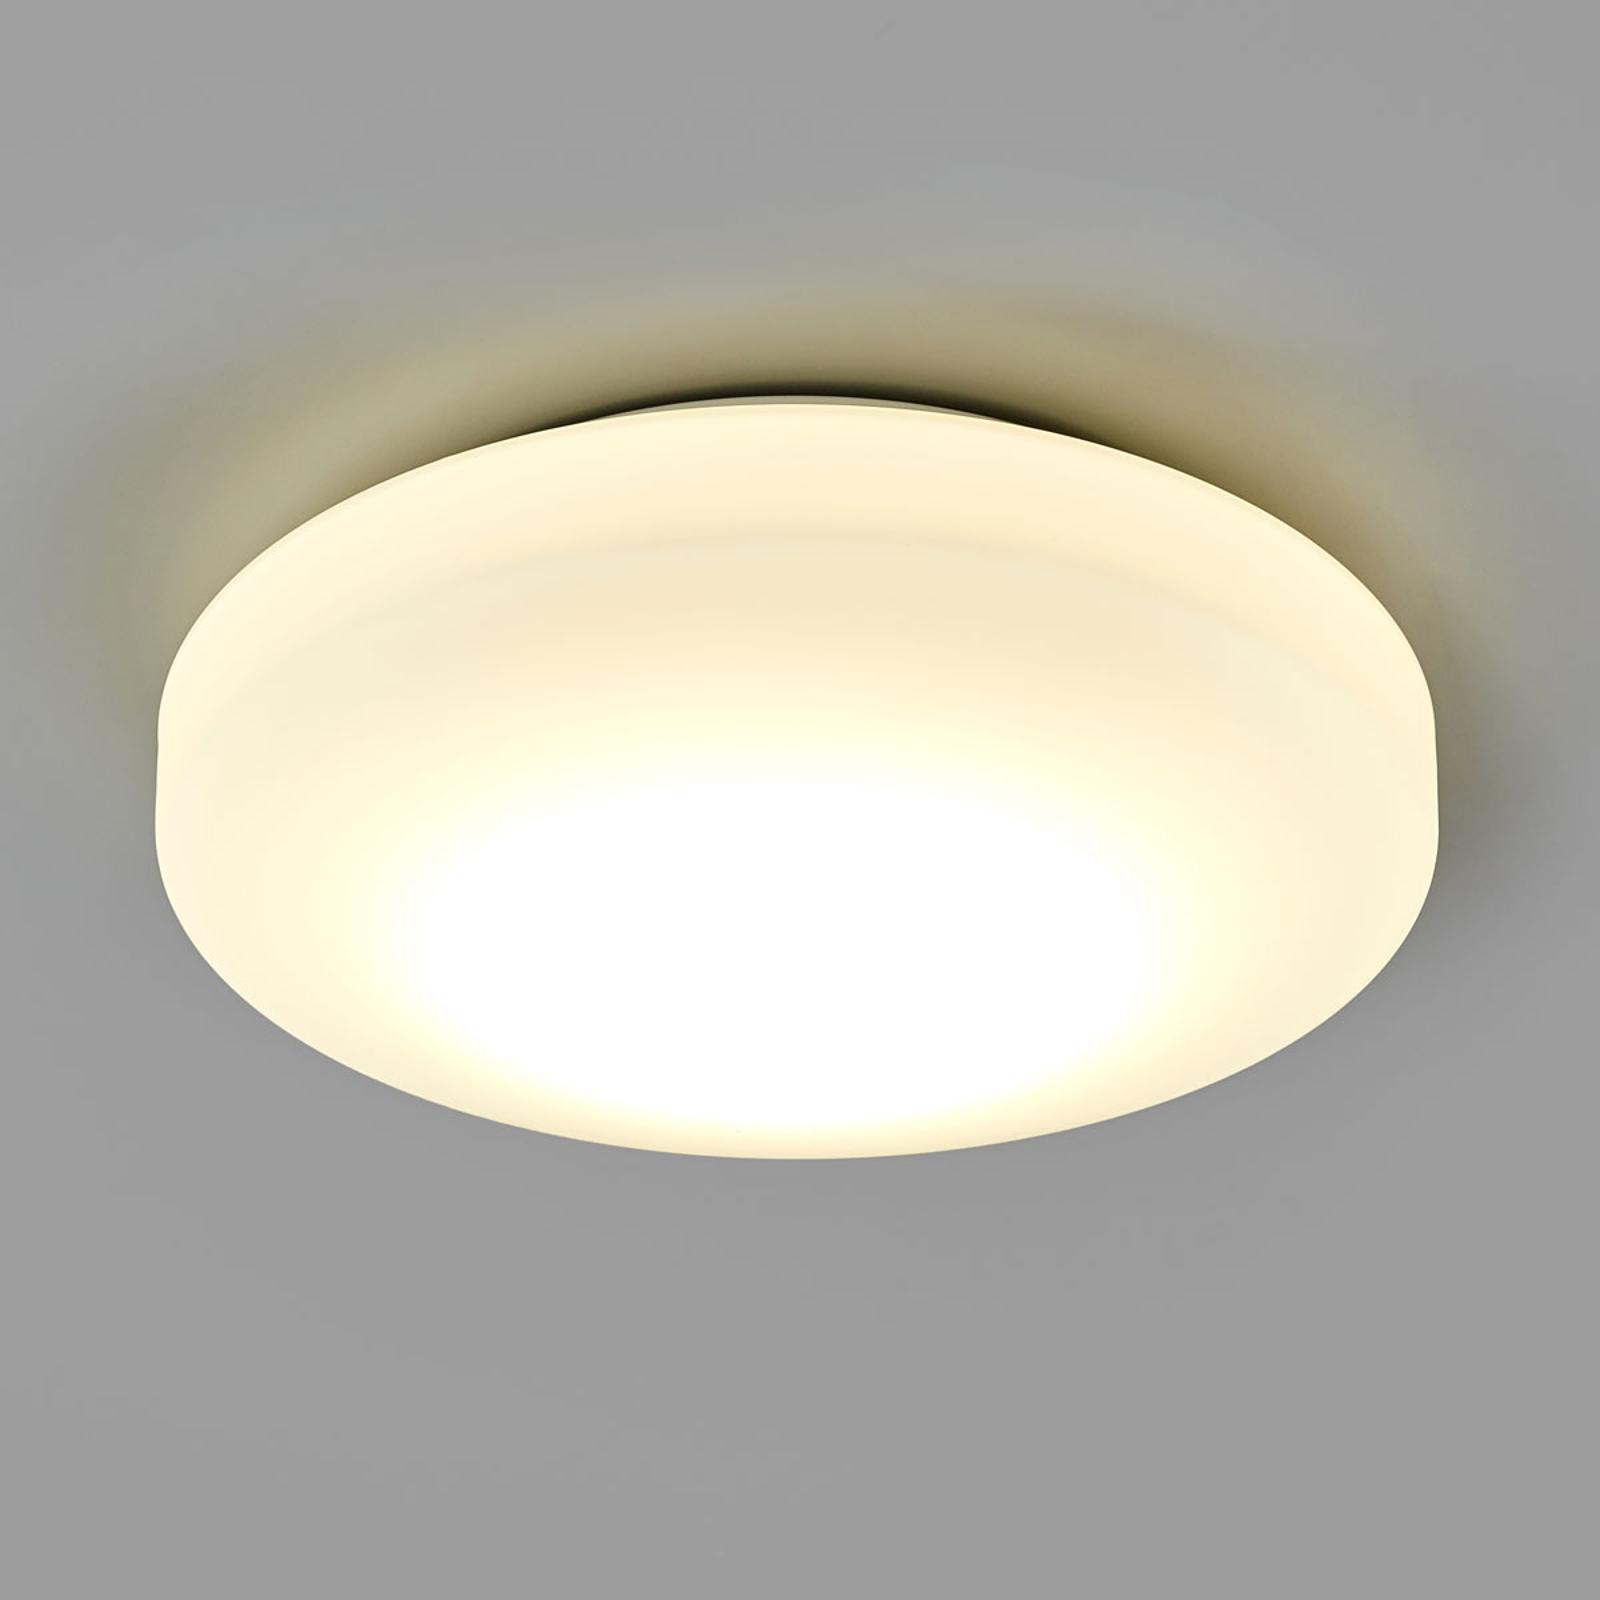 LED Bad Deckenleuchte Malte aus Opalglas kaufen   Lampenwelt.de